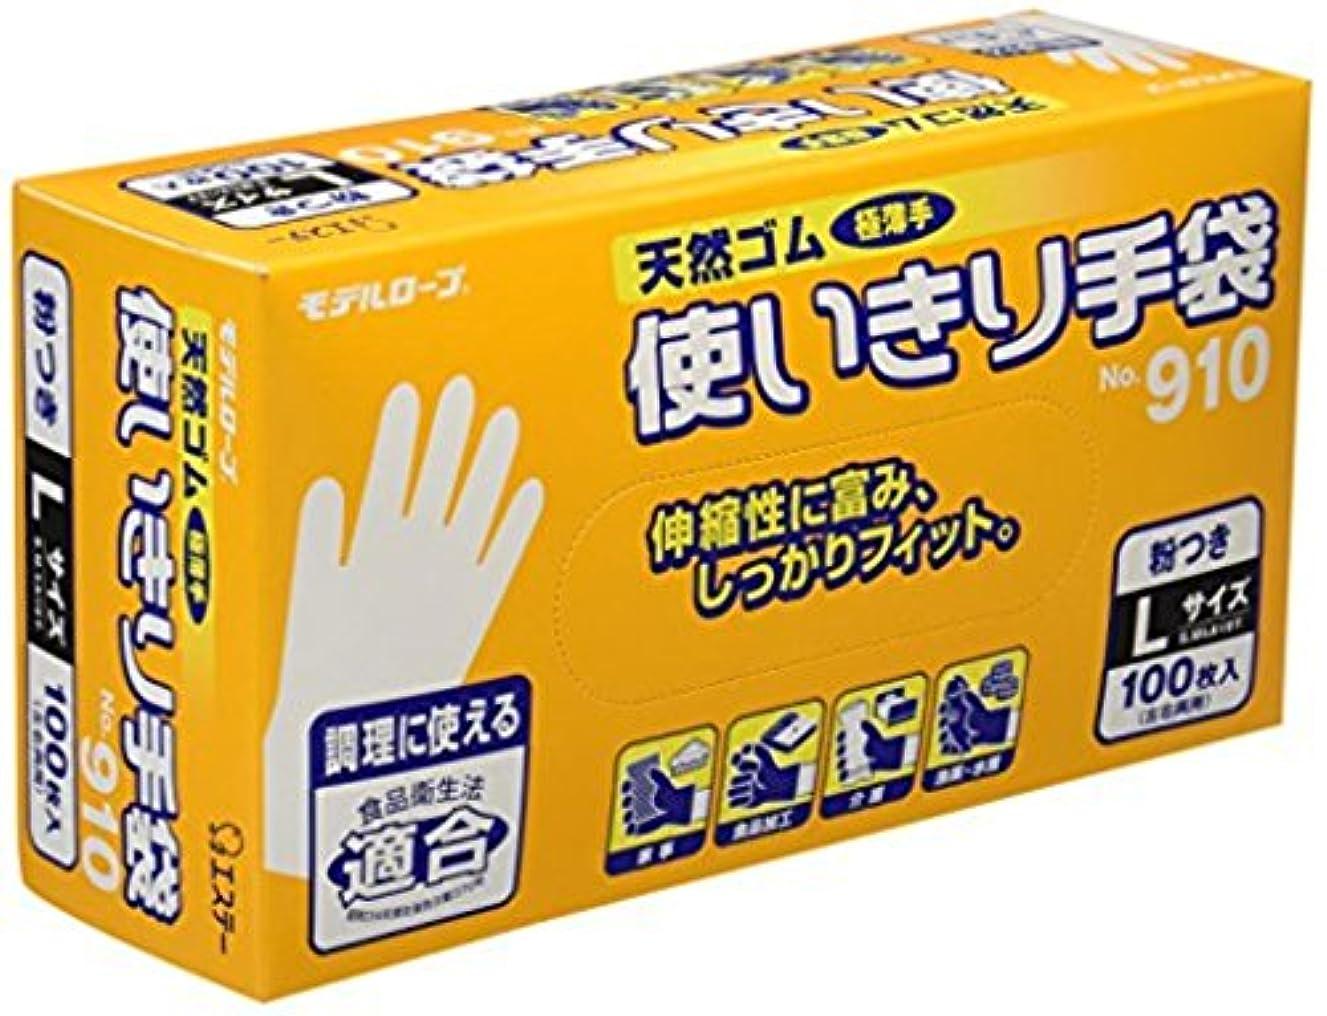 焦げ難破船昇る(まとめ買い)エステー 天然ゴム使い切り手袋 No.910 L 【×3セット】